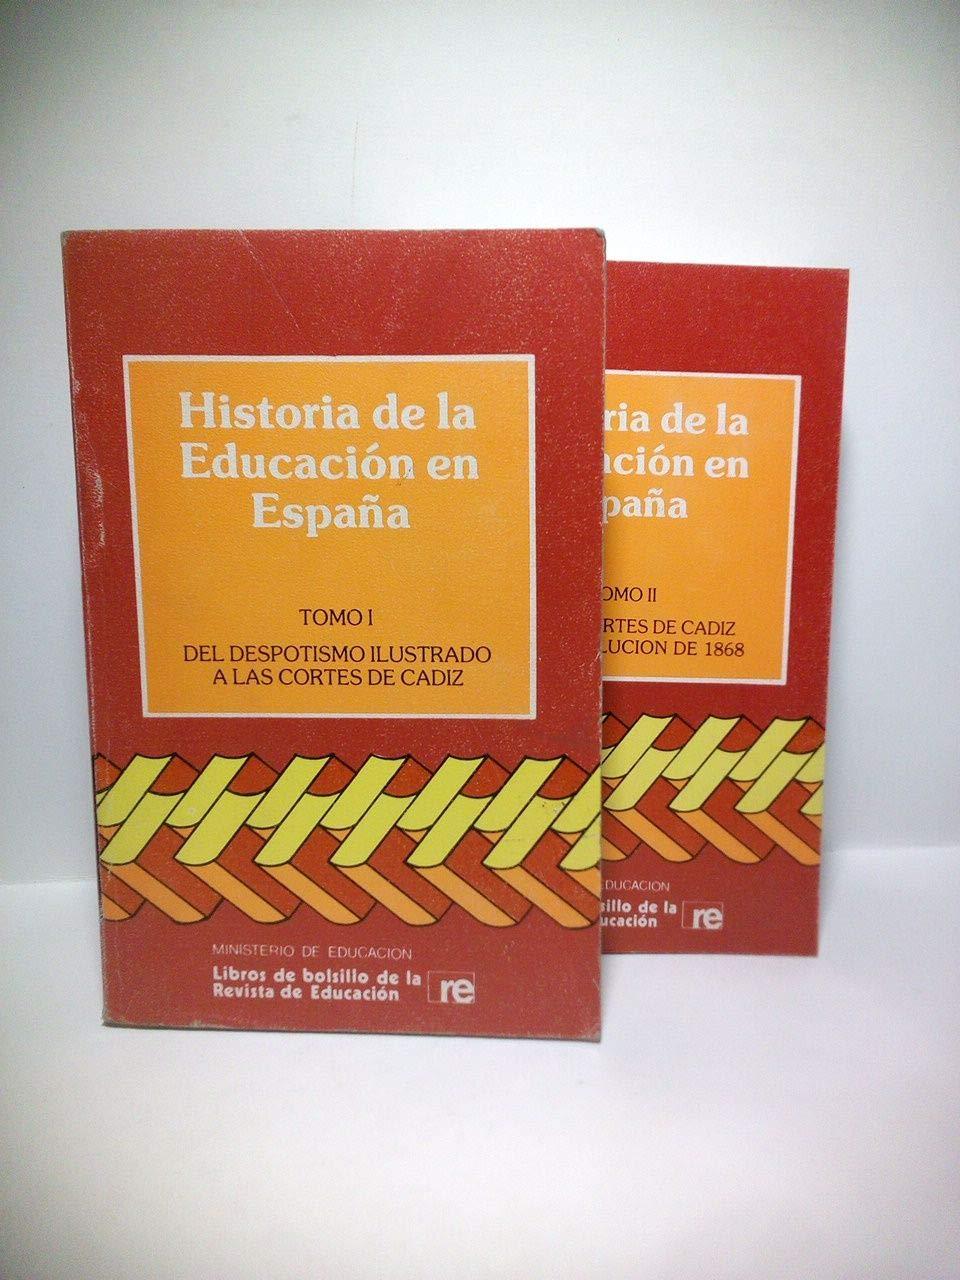 Historia de la Educación en España. TOMO I.: Del despotismo ilustrado a las Cortes de Cádiz. TOMO II.: De las Cortes de Cádiz a la Revolución de 1868: Amazon.es: VARIOS AUTORES: Libros